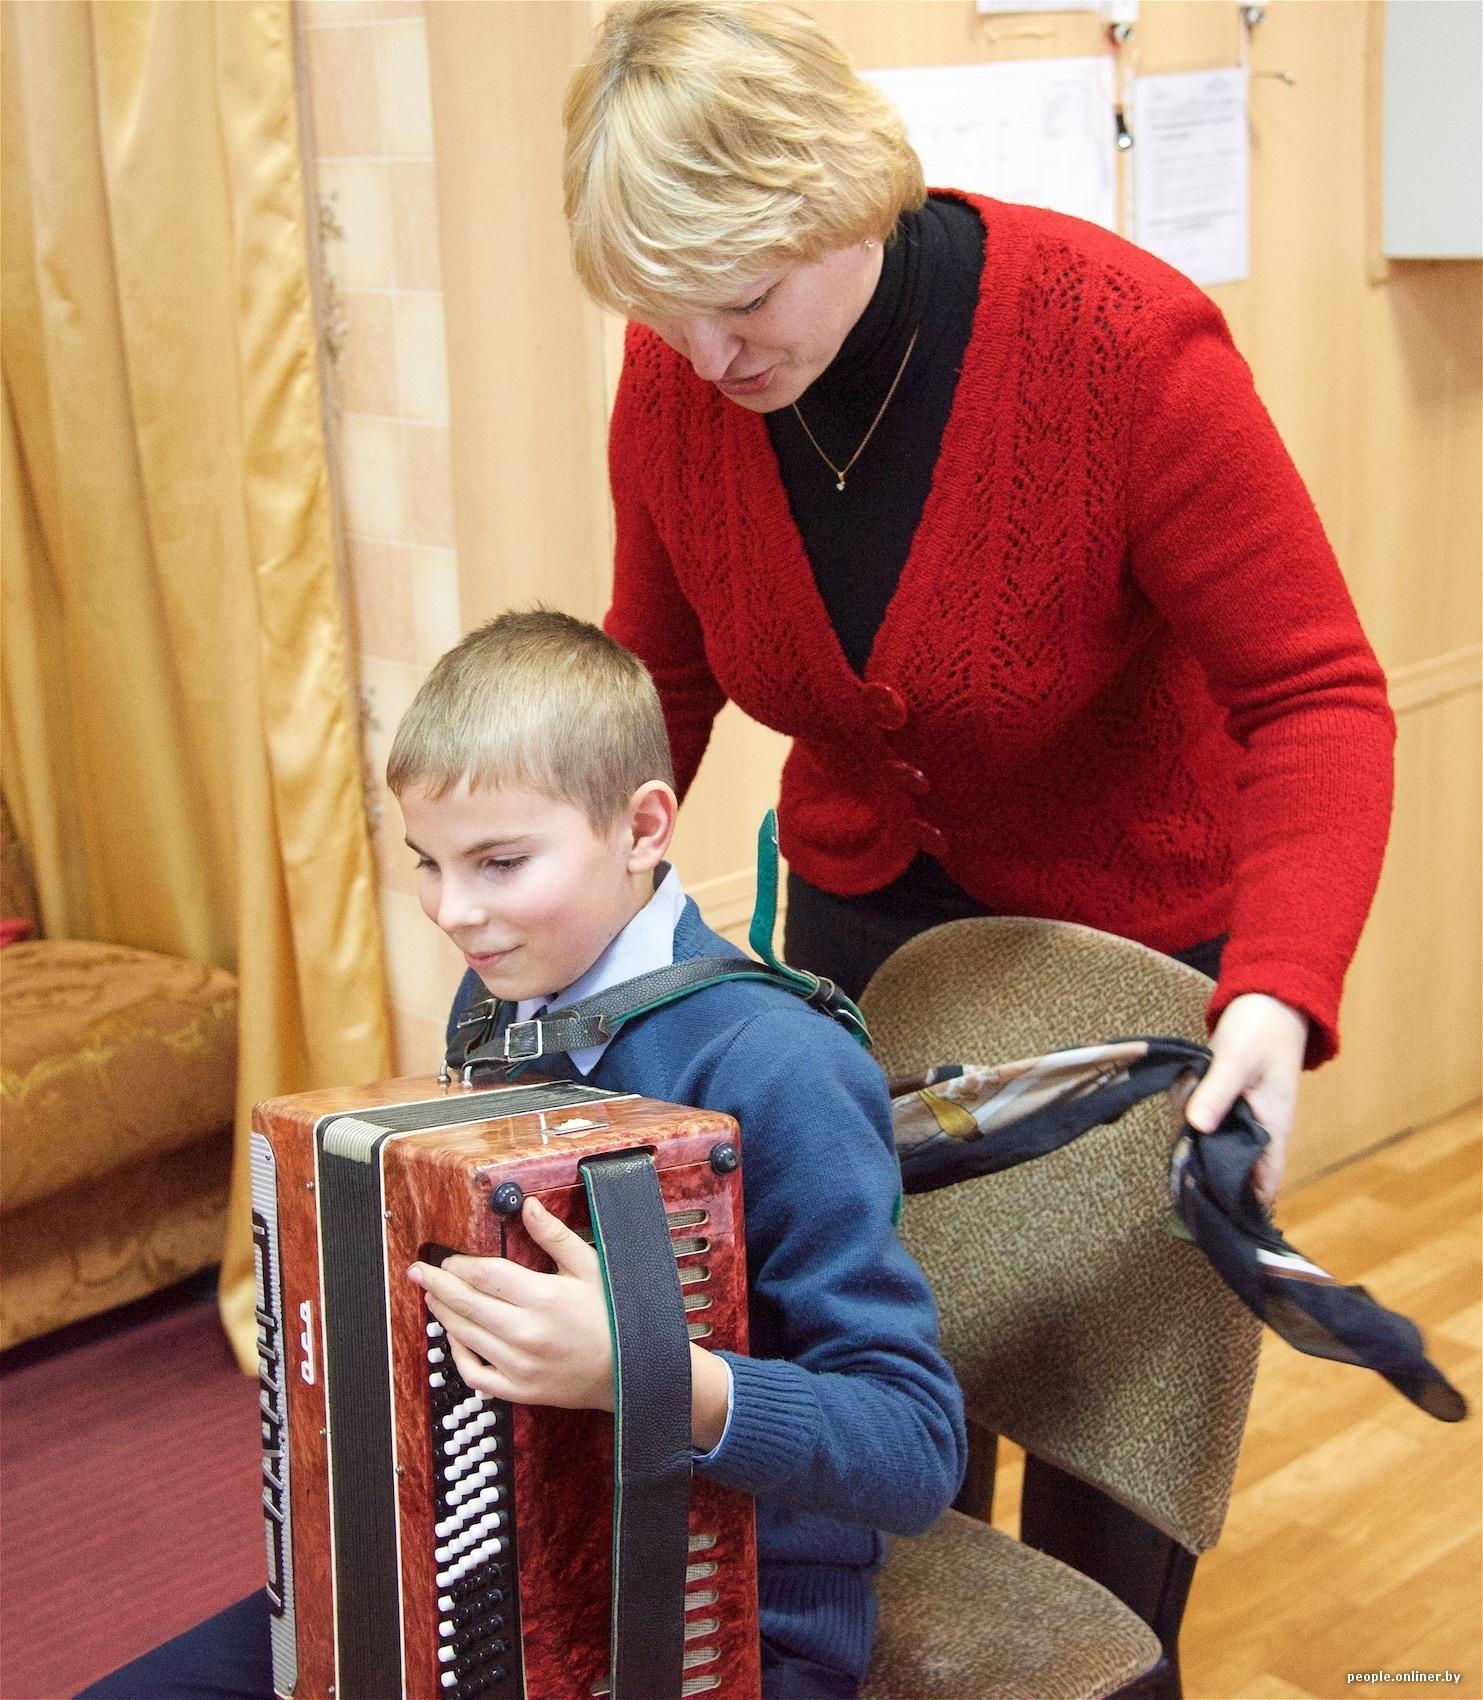 Рыжая учительница та еще штучка фото 288-926